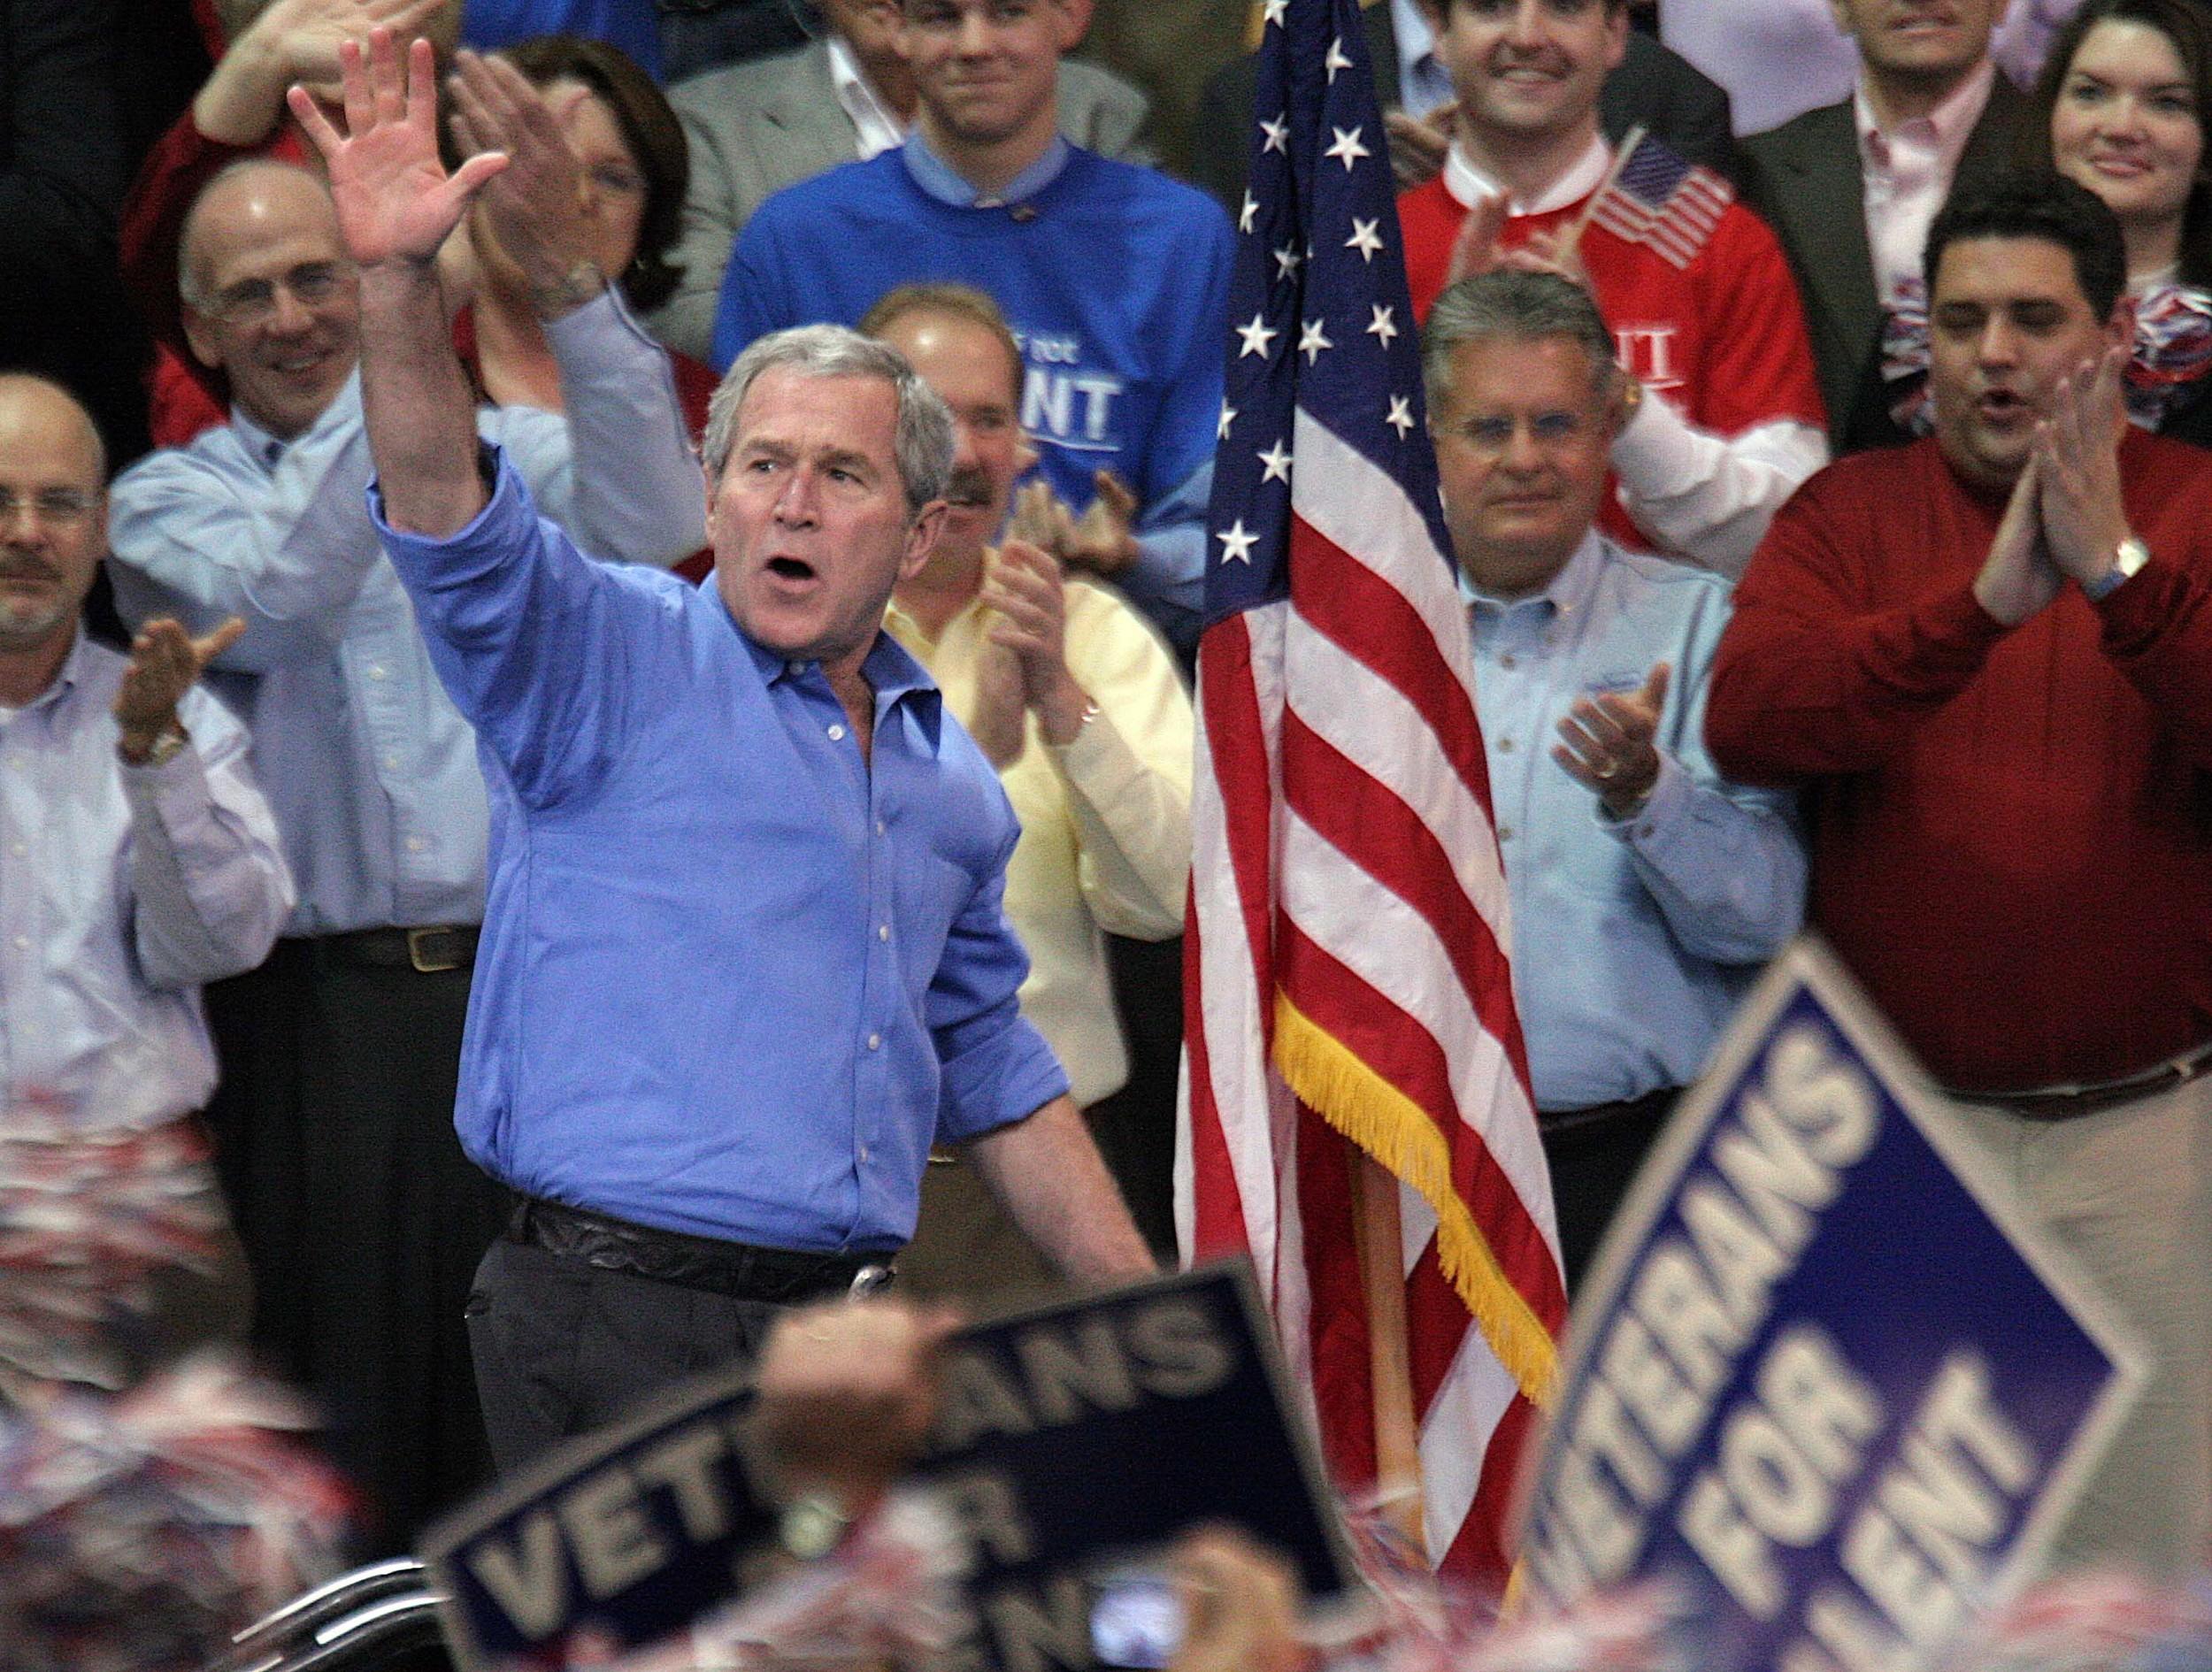 President George W. Bush - 2006